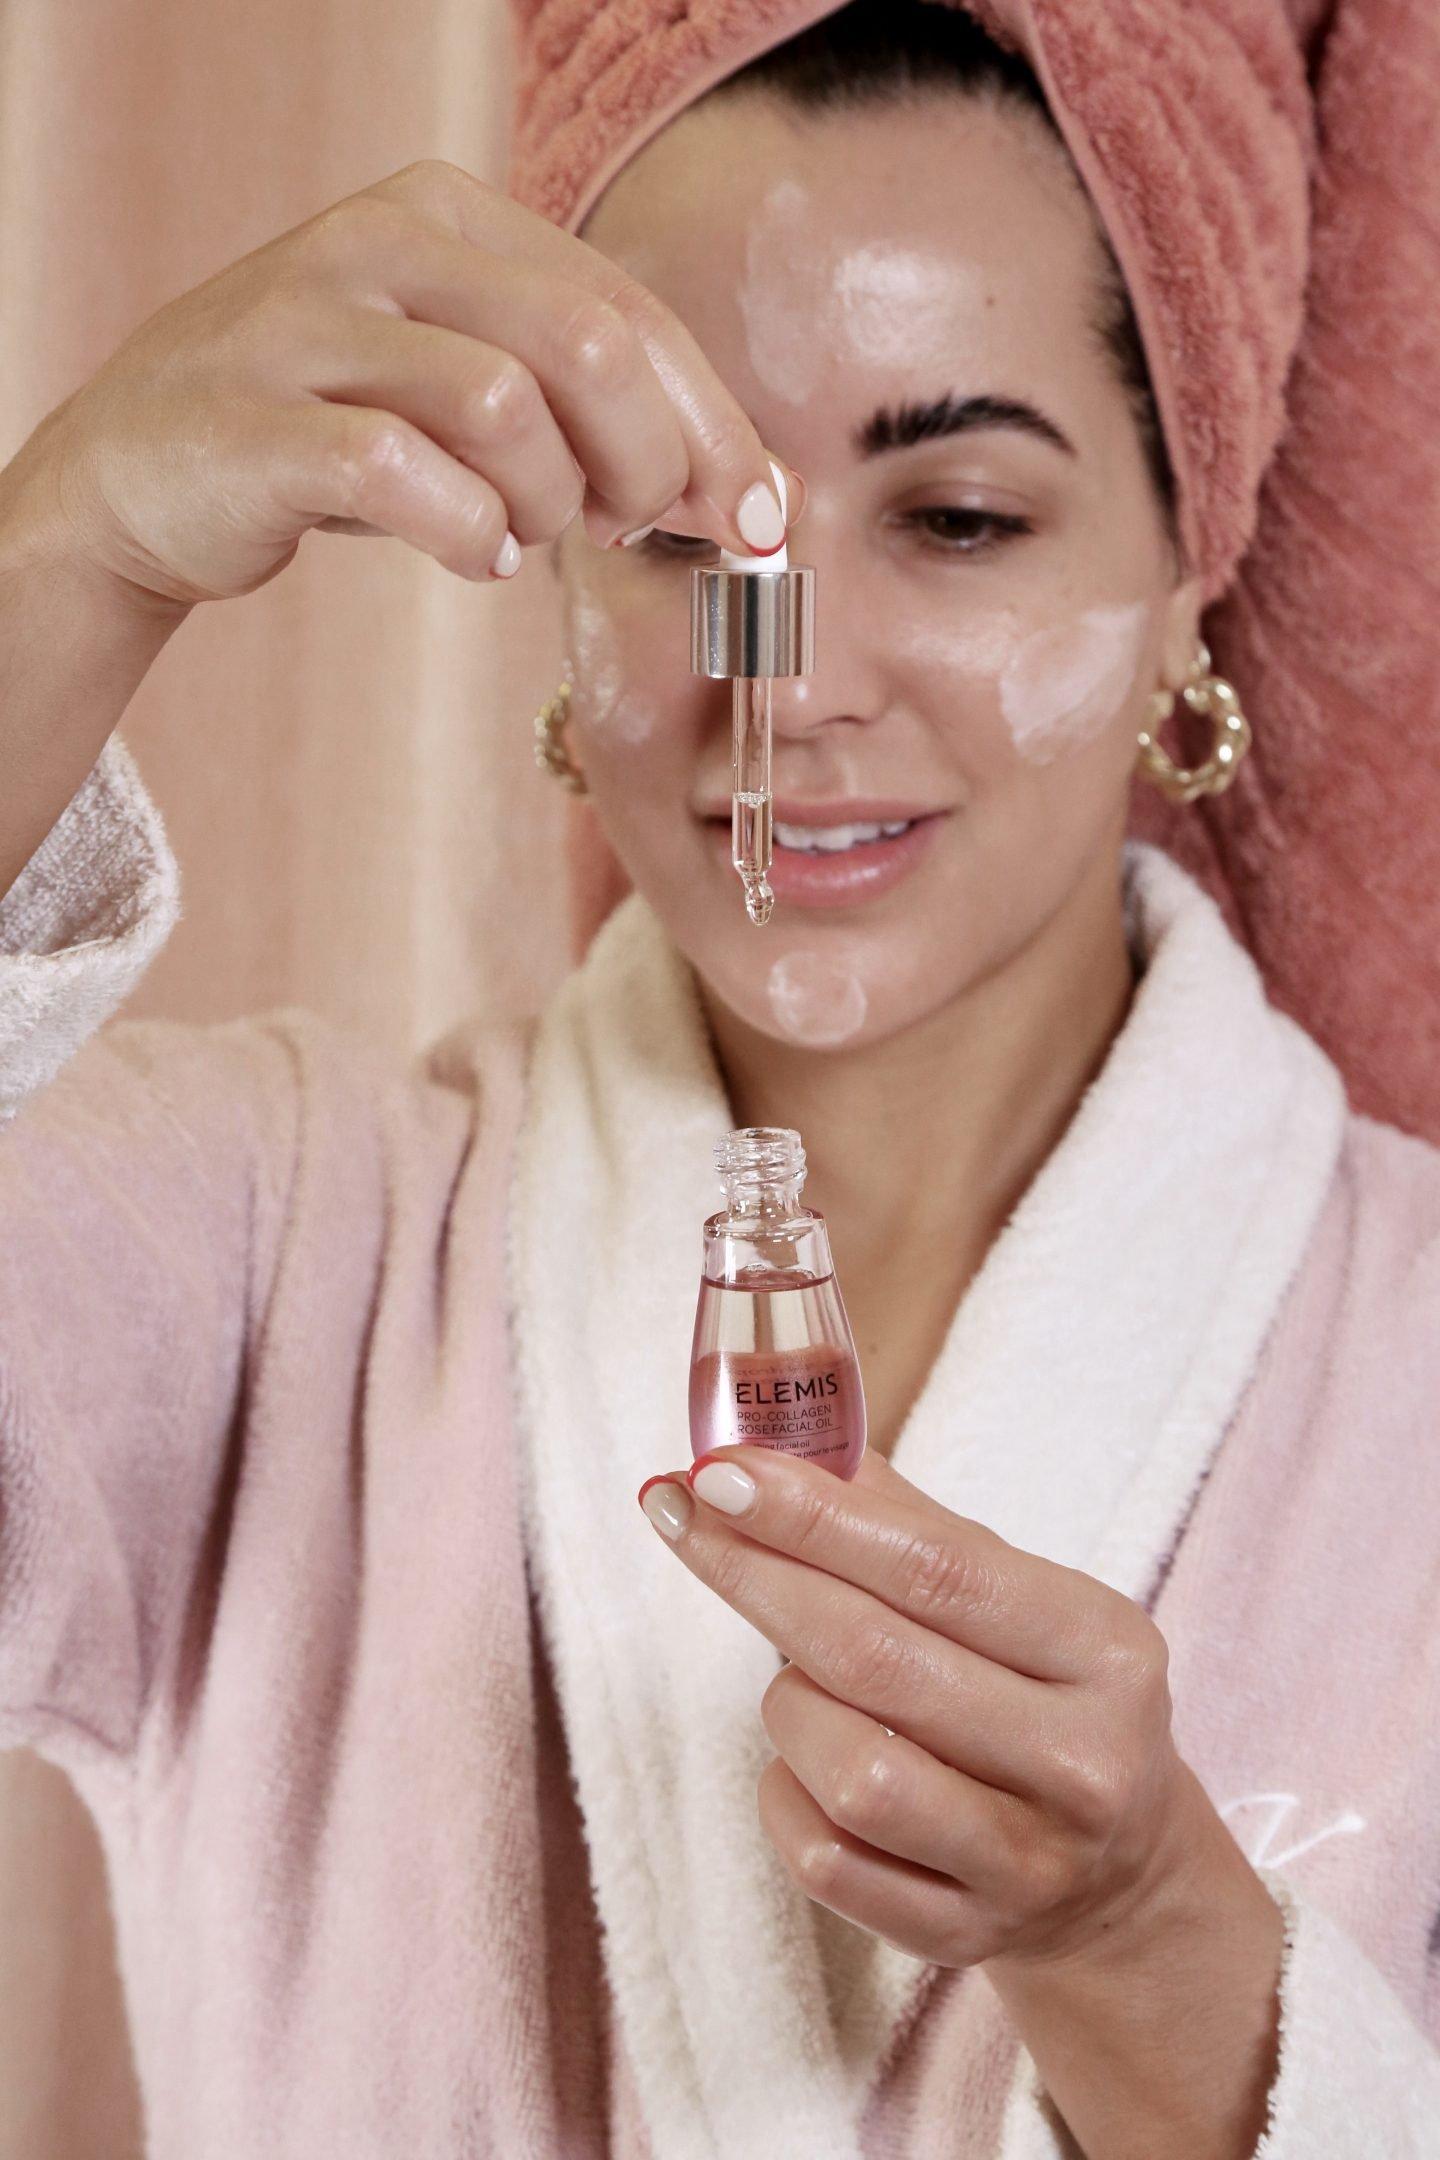 elemis rose oil skincare routine